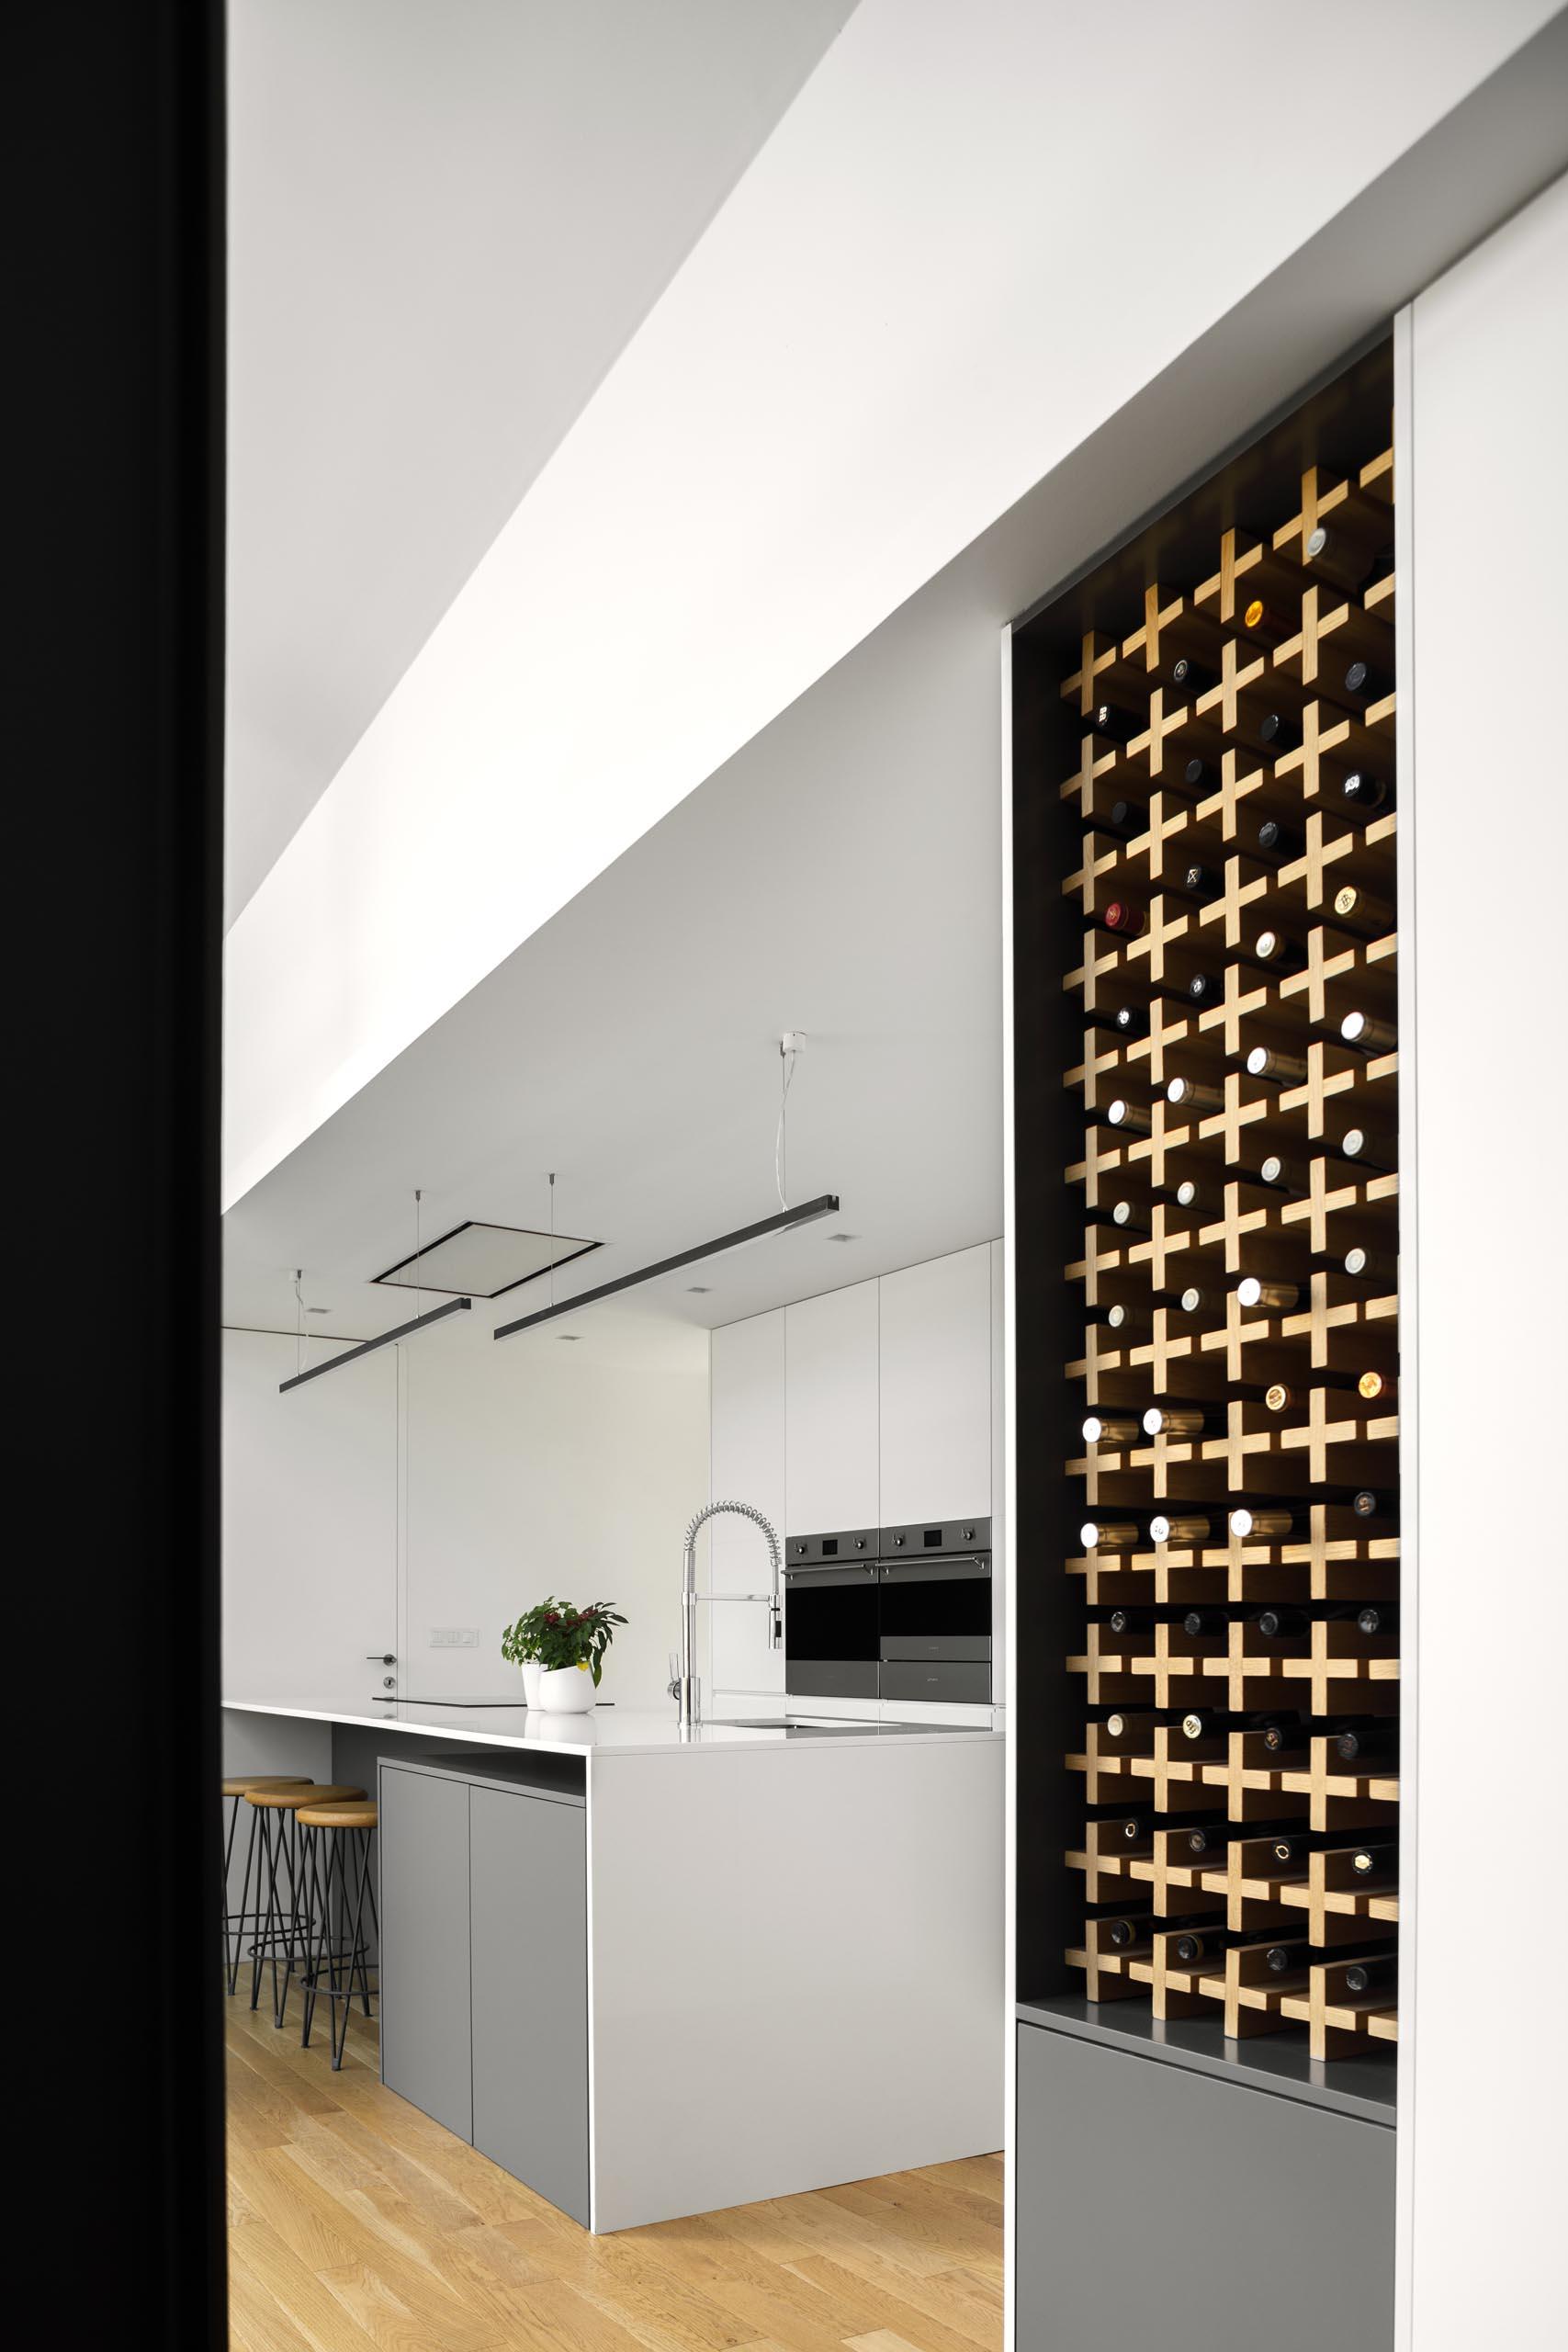 A modern kitchen with built-in wine storage.